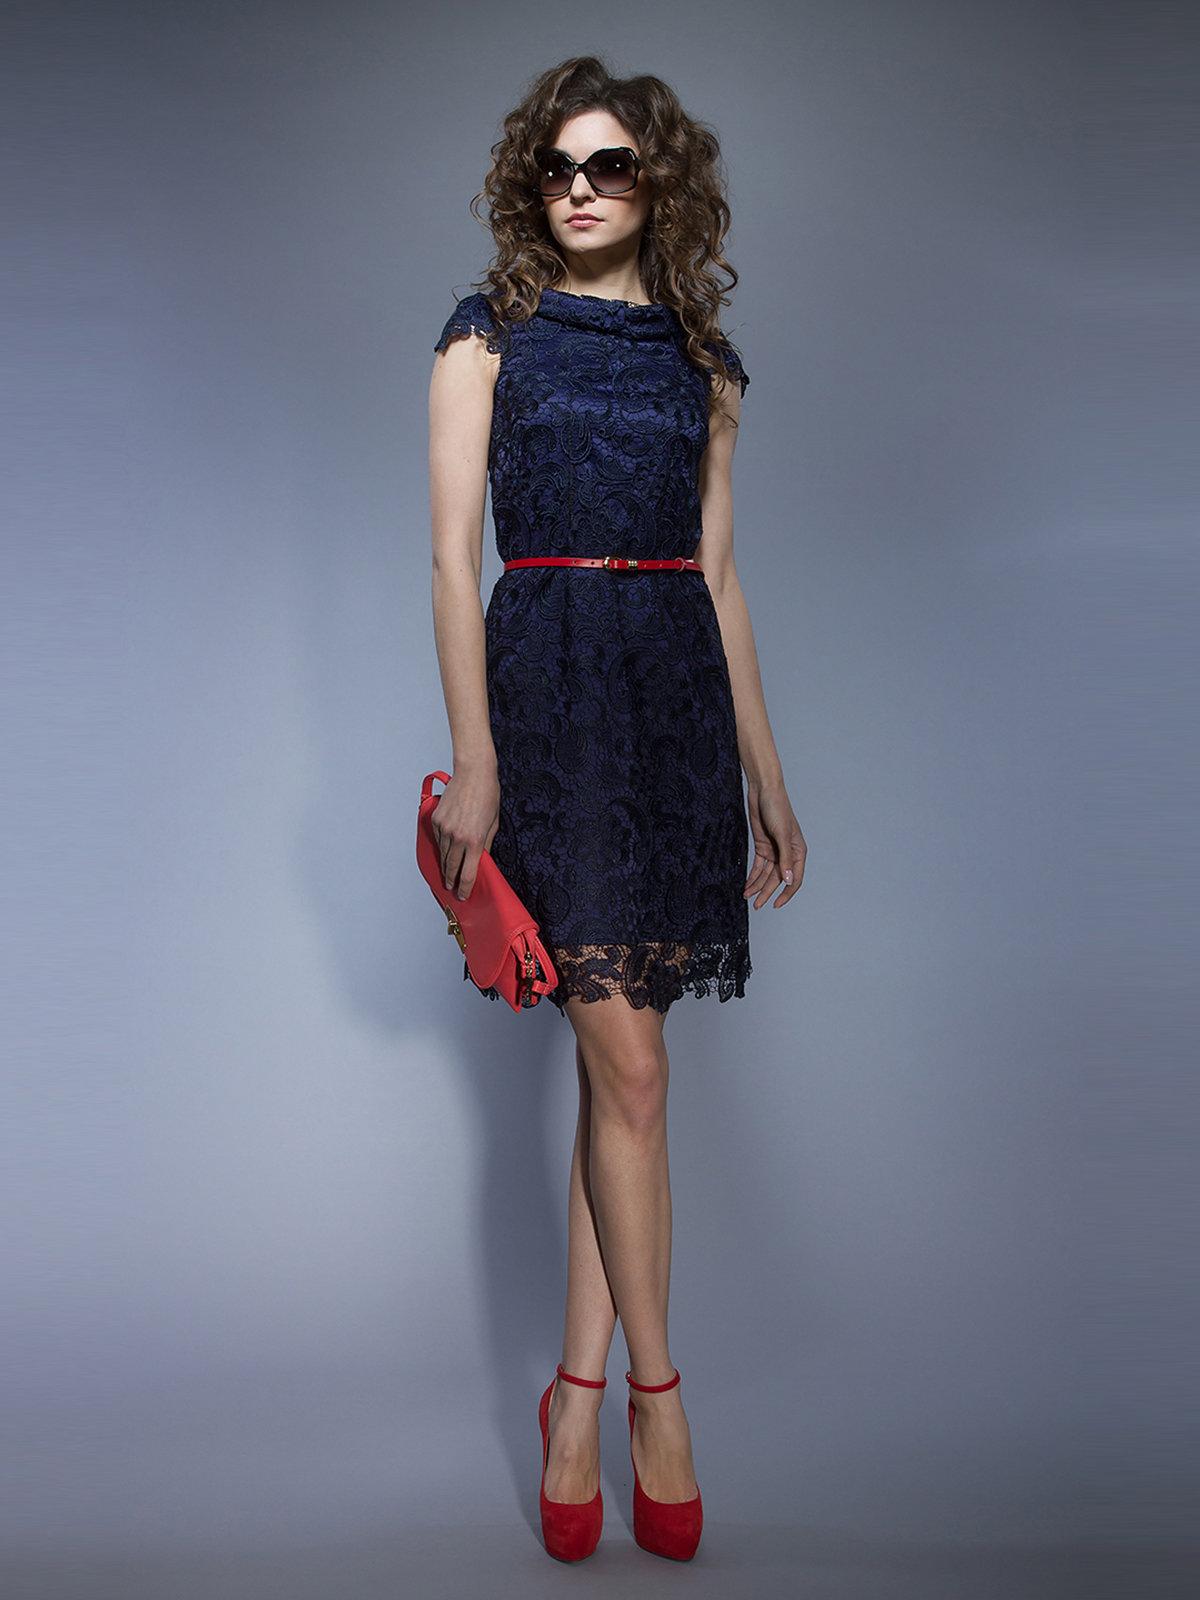 Фото синее платье с красными туфлями